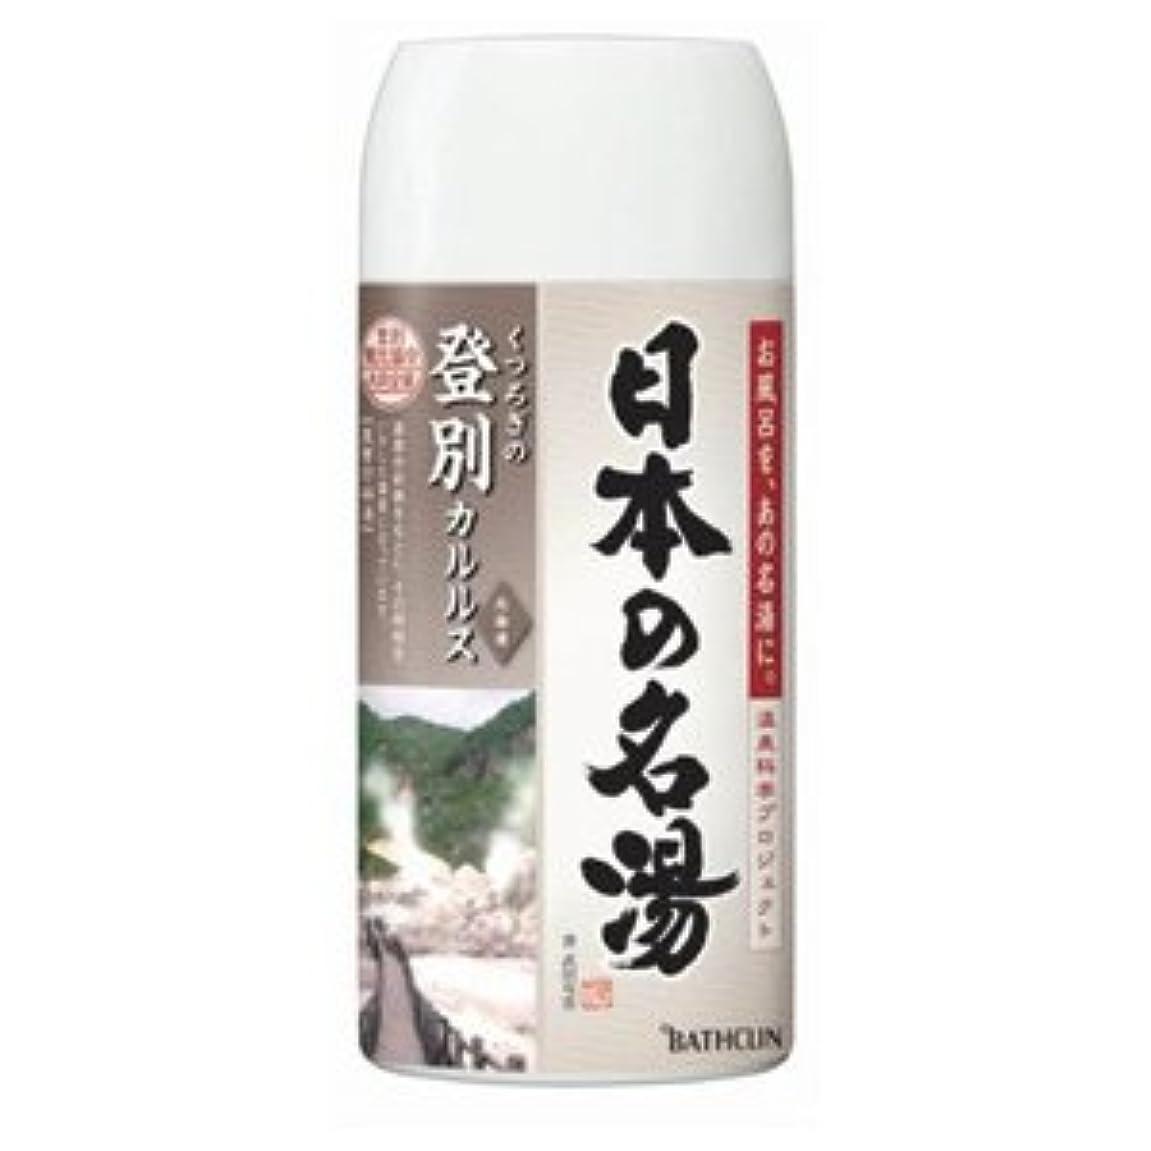 地下虎広大なバスクリン 日本の名湯 登別カルルス 450g 薬用入浴剤 澄み切った大気の香り 医薬部外品 (お風呂?バス用品)×12点セット (4548514135246)